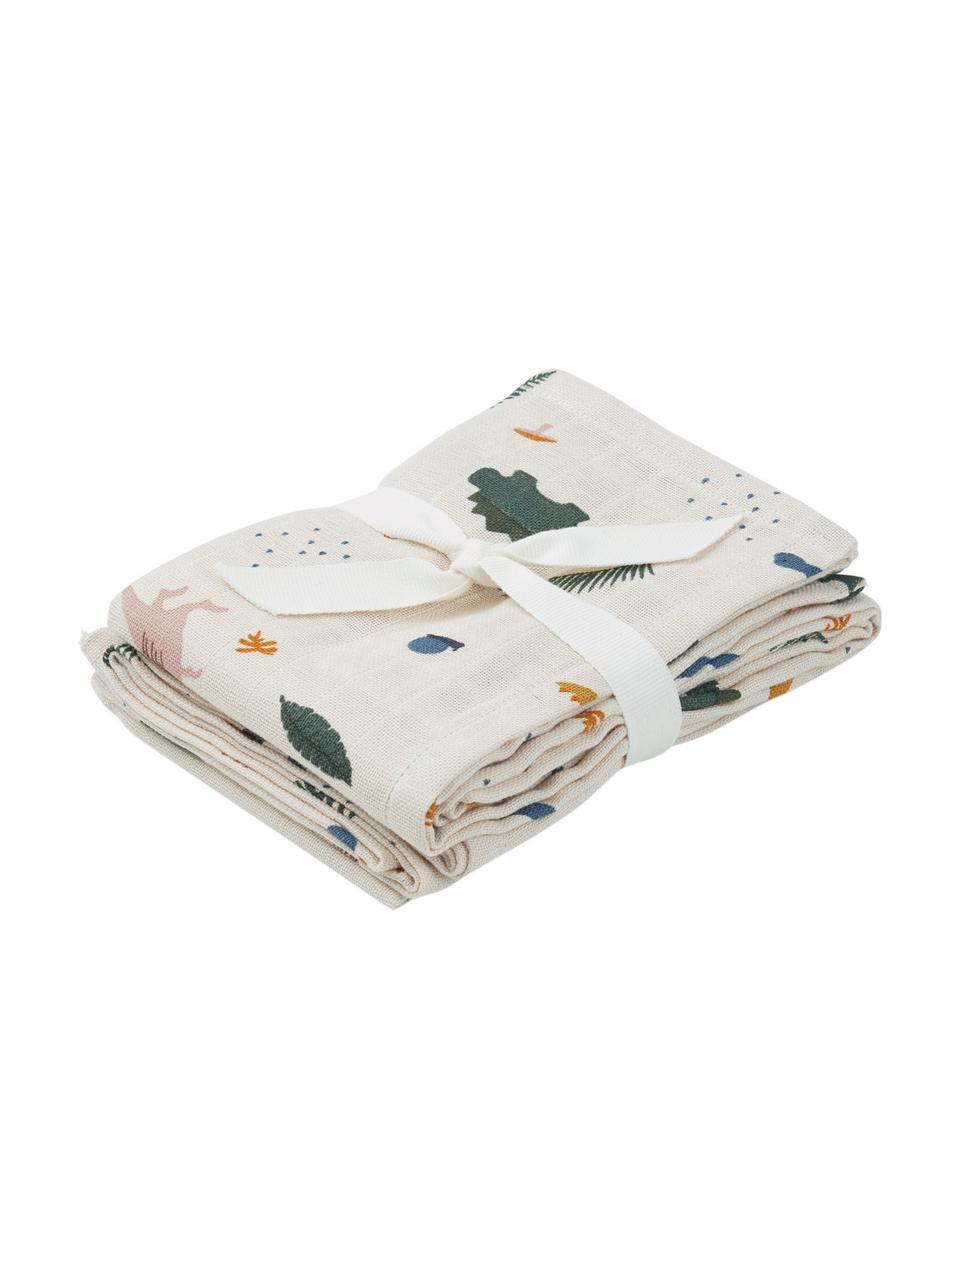 Komplet chust z bawełny organicznej Hannah, 2 elem., 100% bawełna organiczna, Biały, wielobarwny, S 70 x D 70 cm